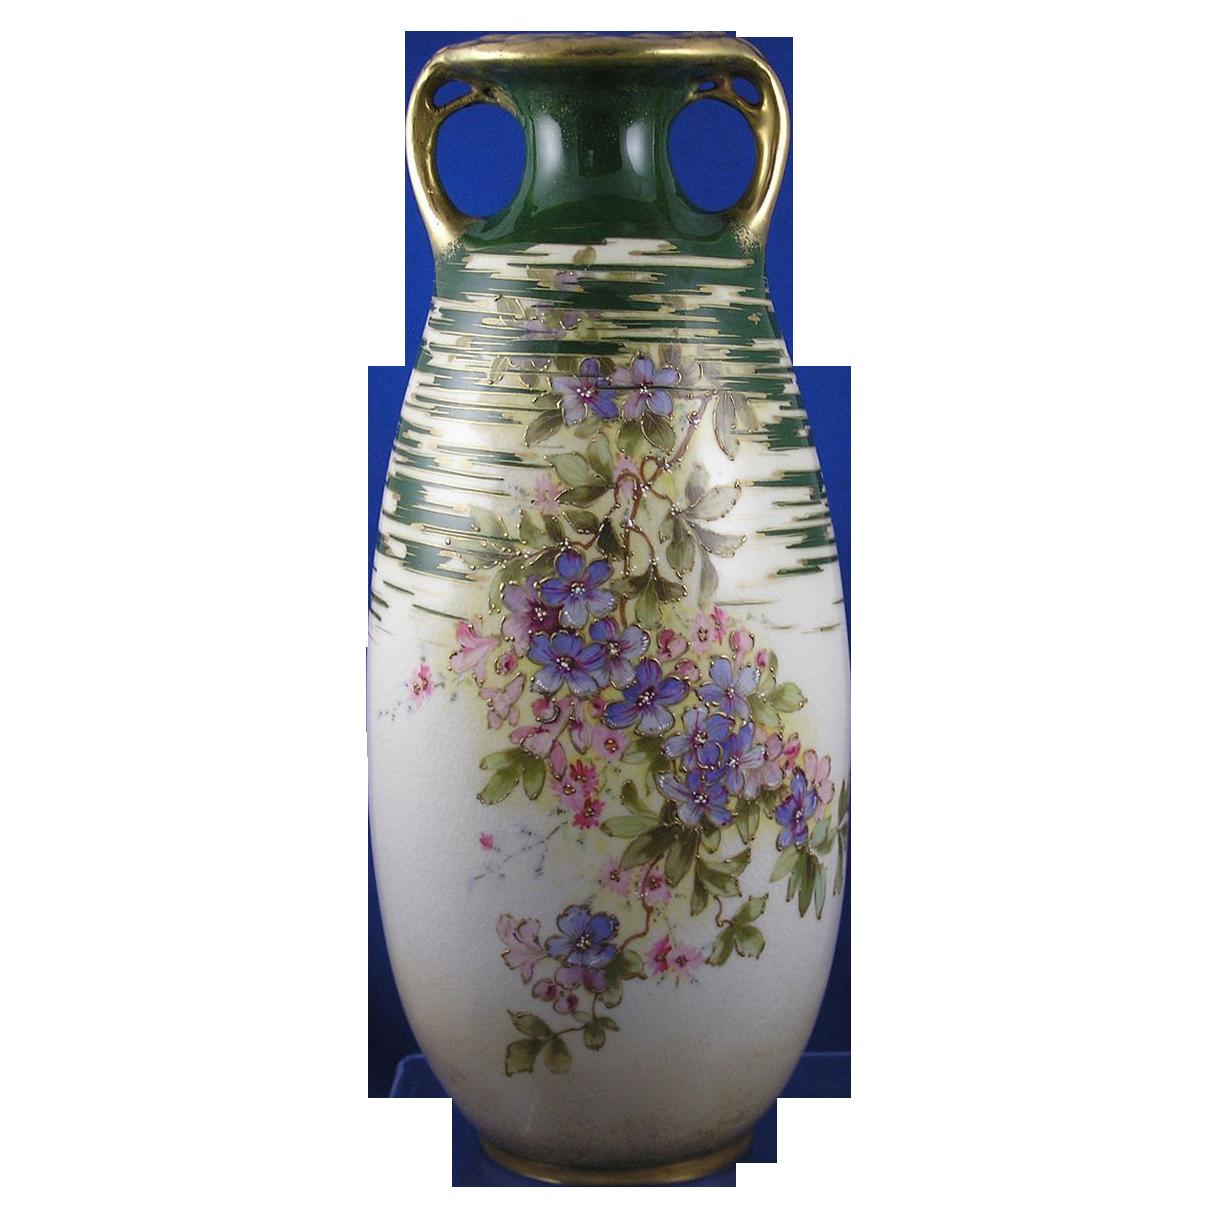 Large RStK Amphora Austria Art Nouveau Floral Motif Vase (c.1899-1910)